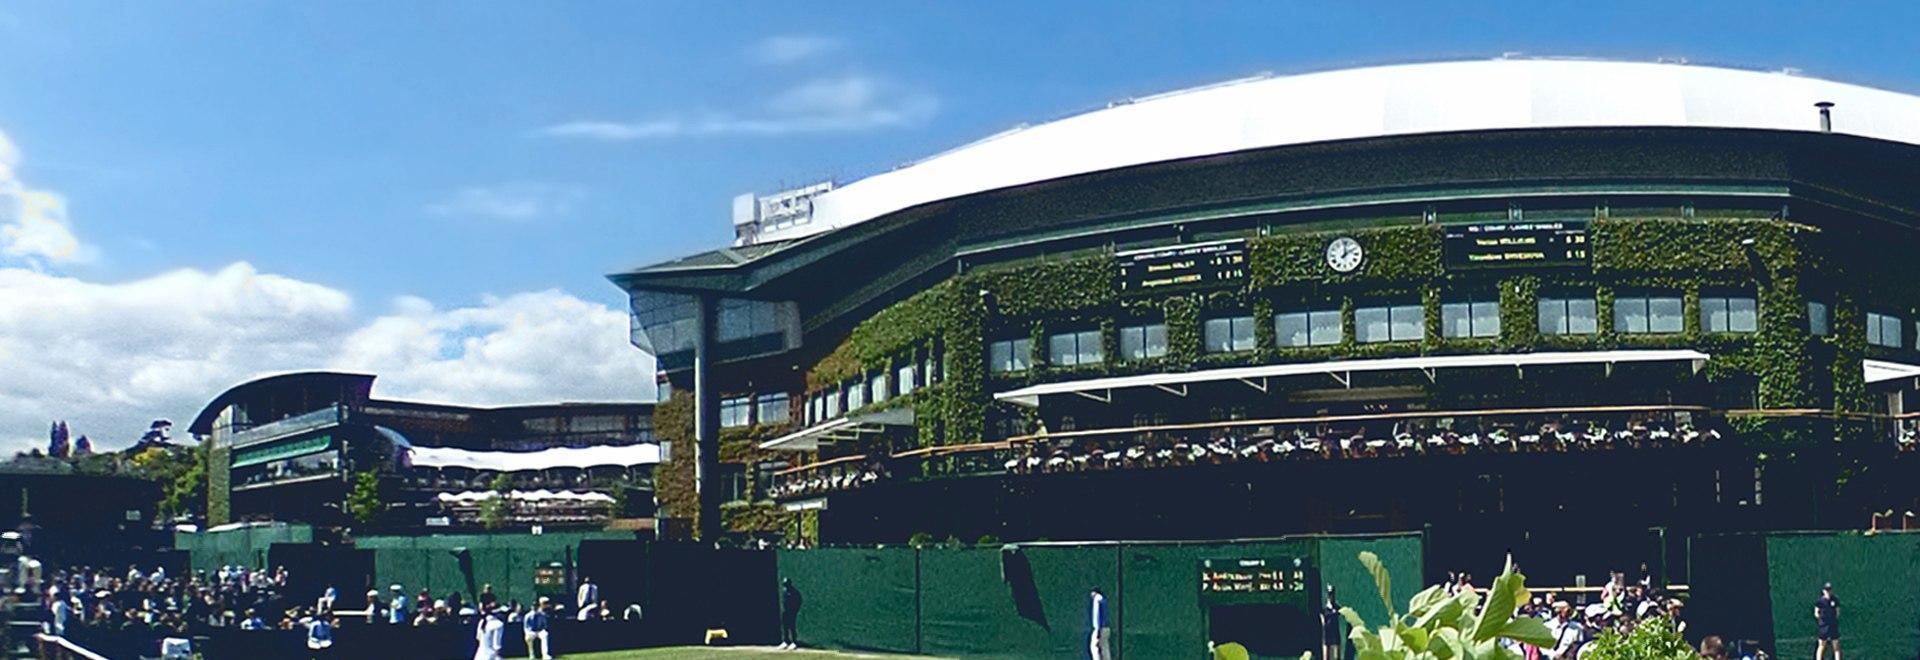 Wimbledon Story - Ep. Finale - Wimbledon 1991: Becker - Stick